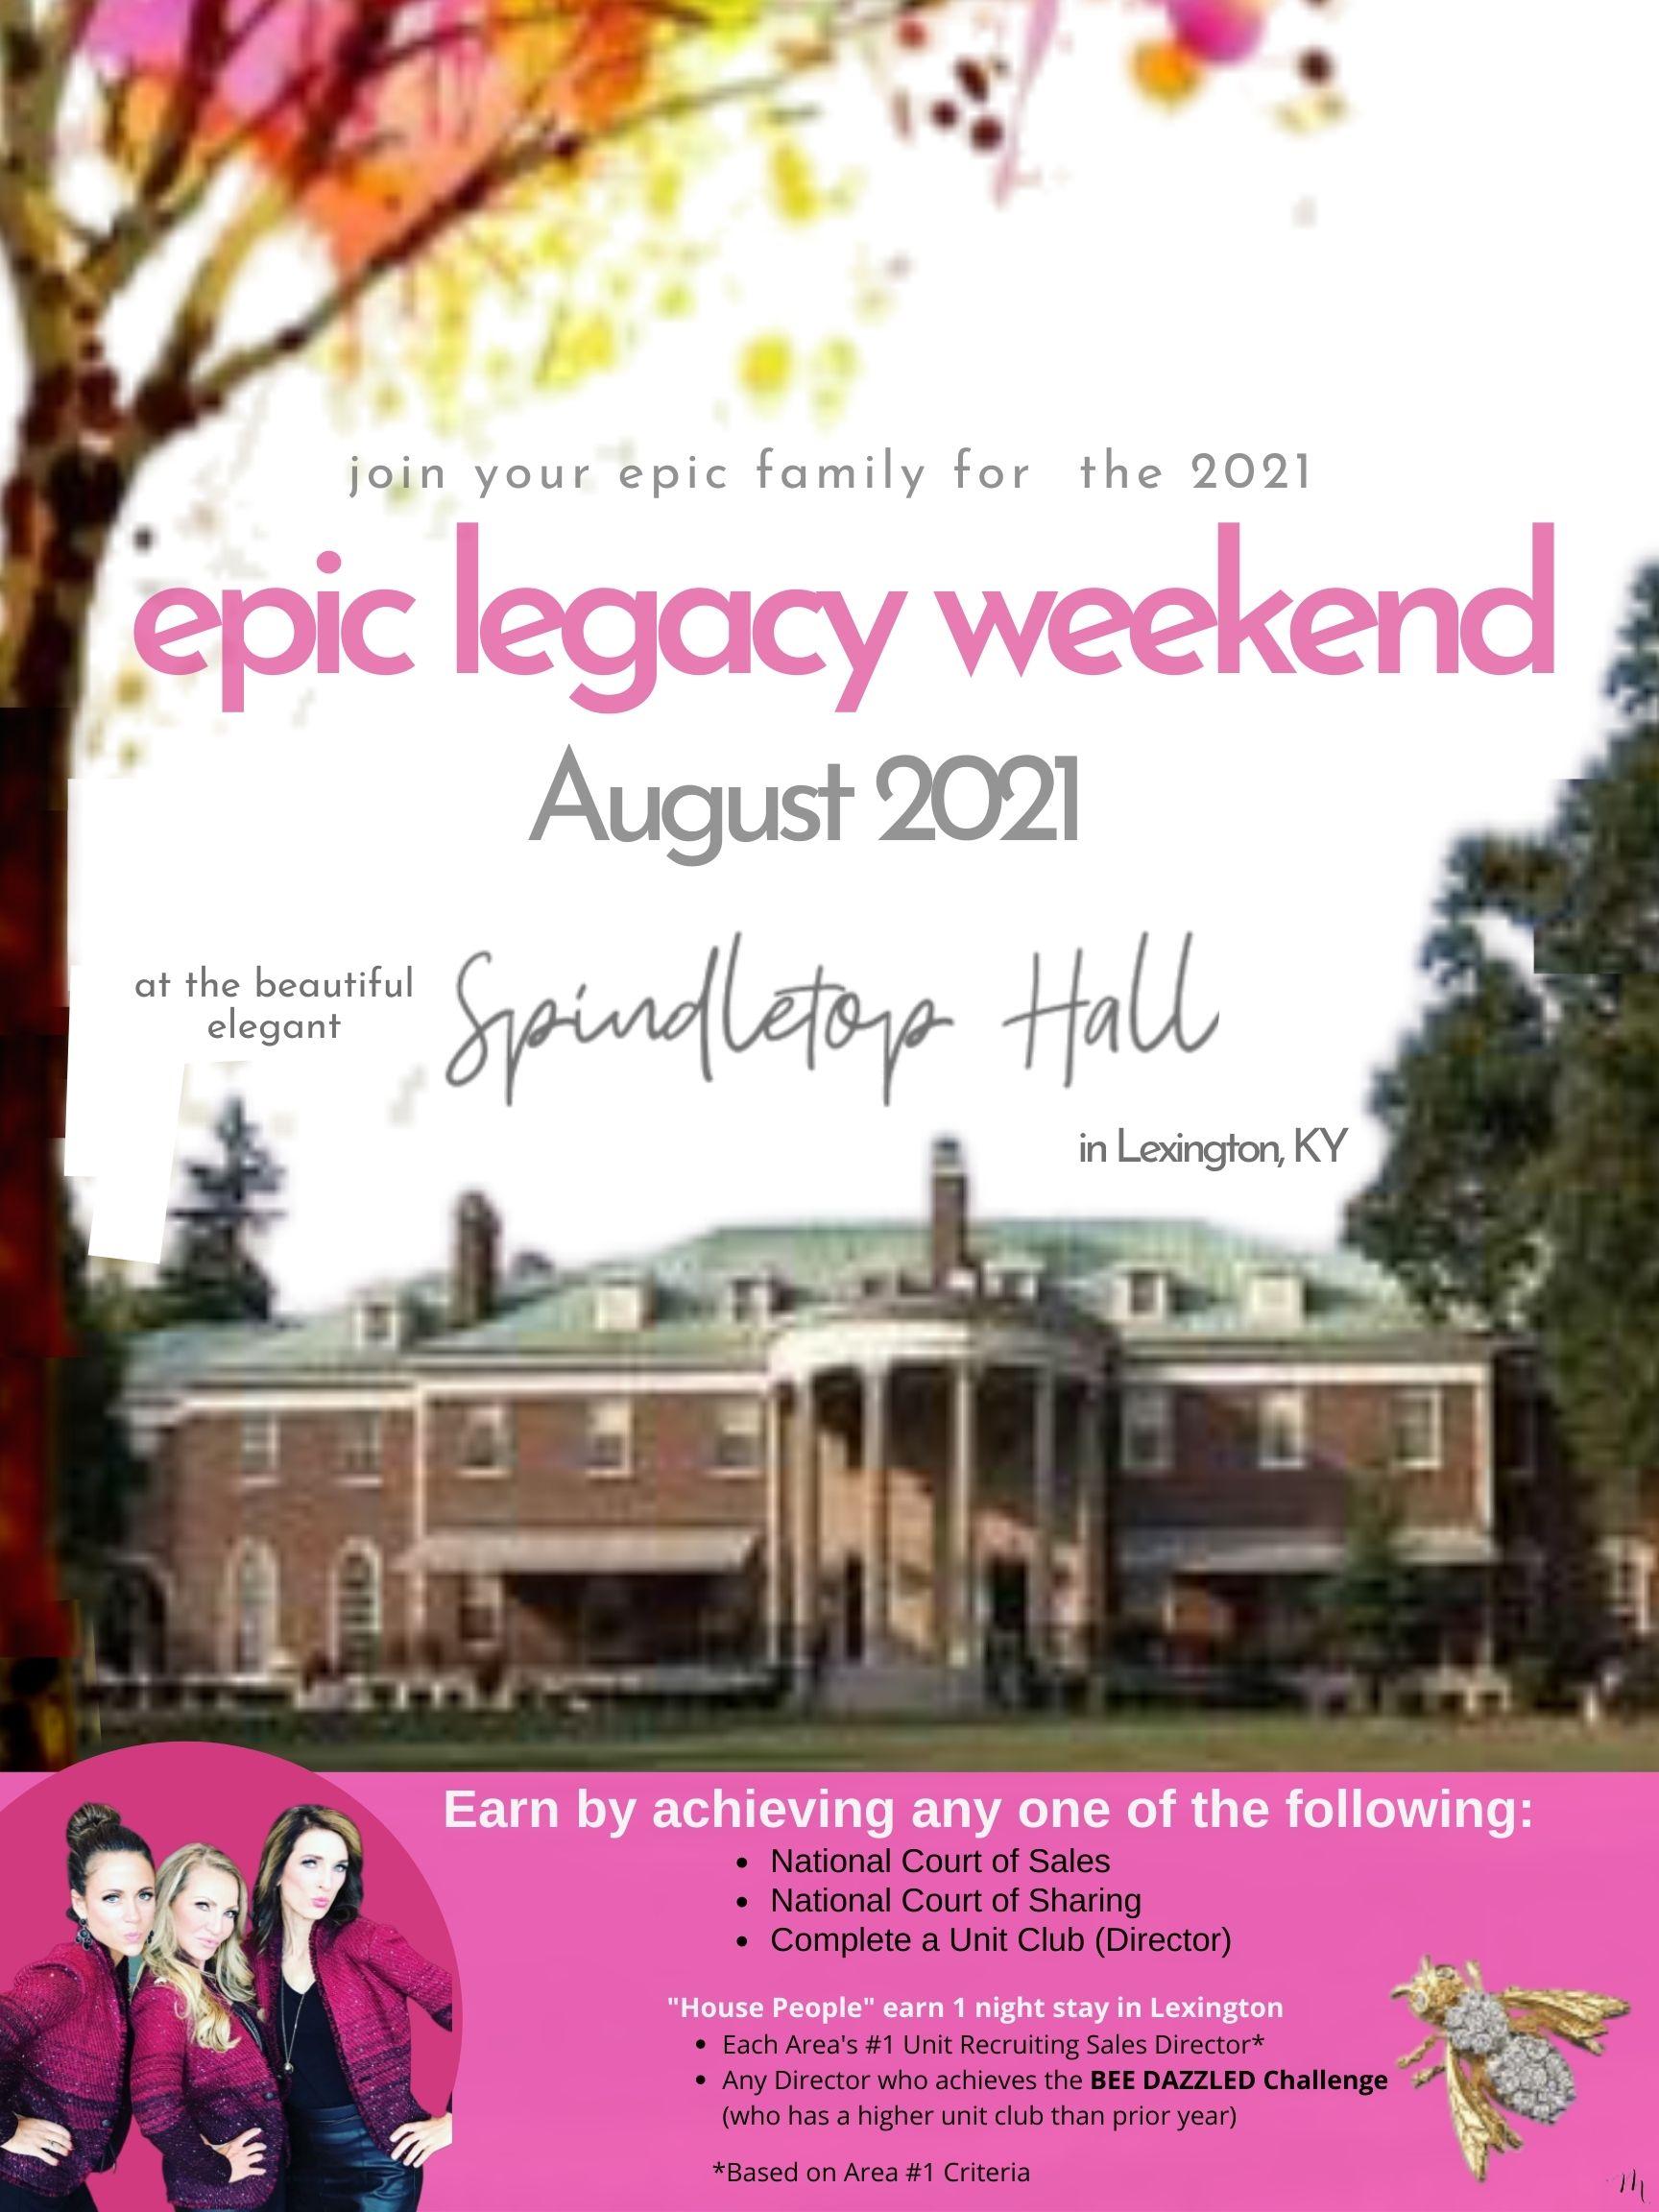 JB 2020 epic legacy weekend 82420 rev5